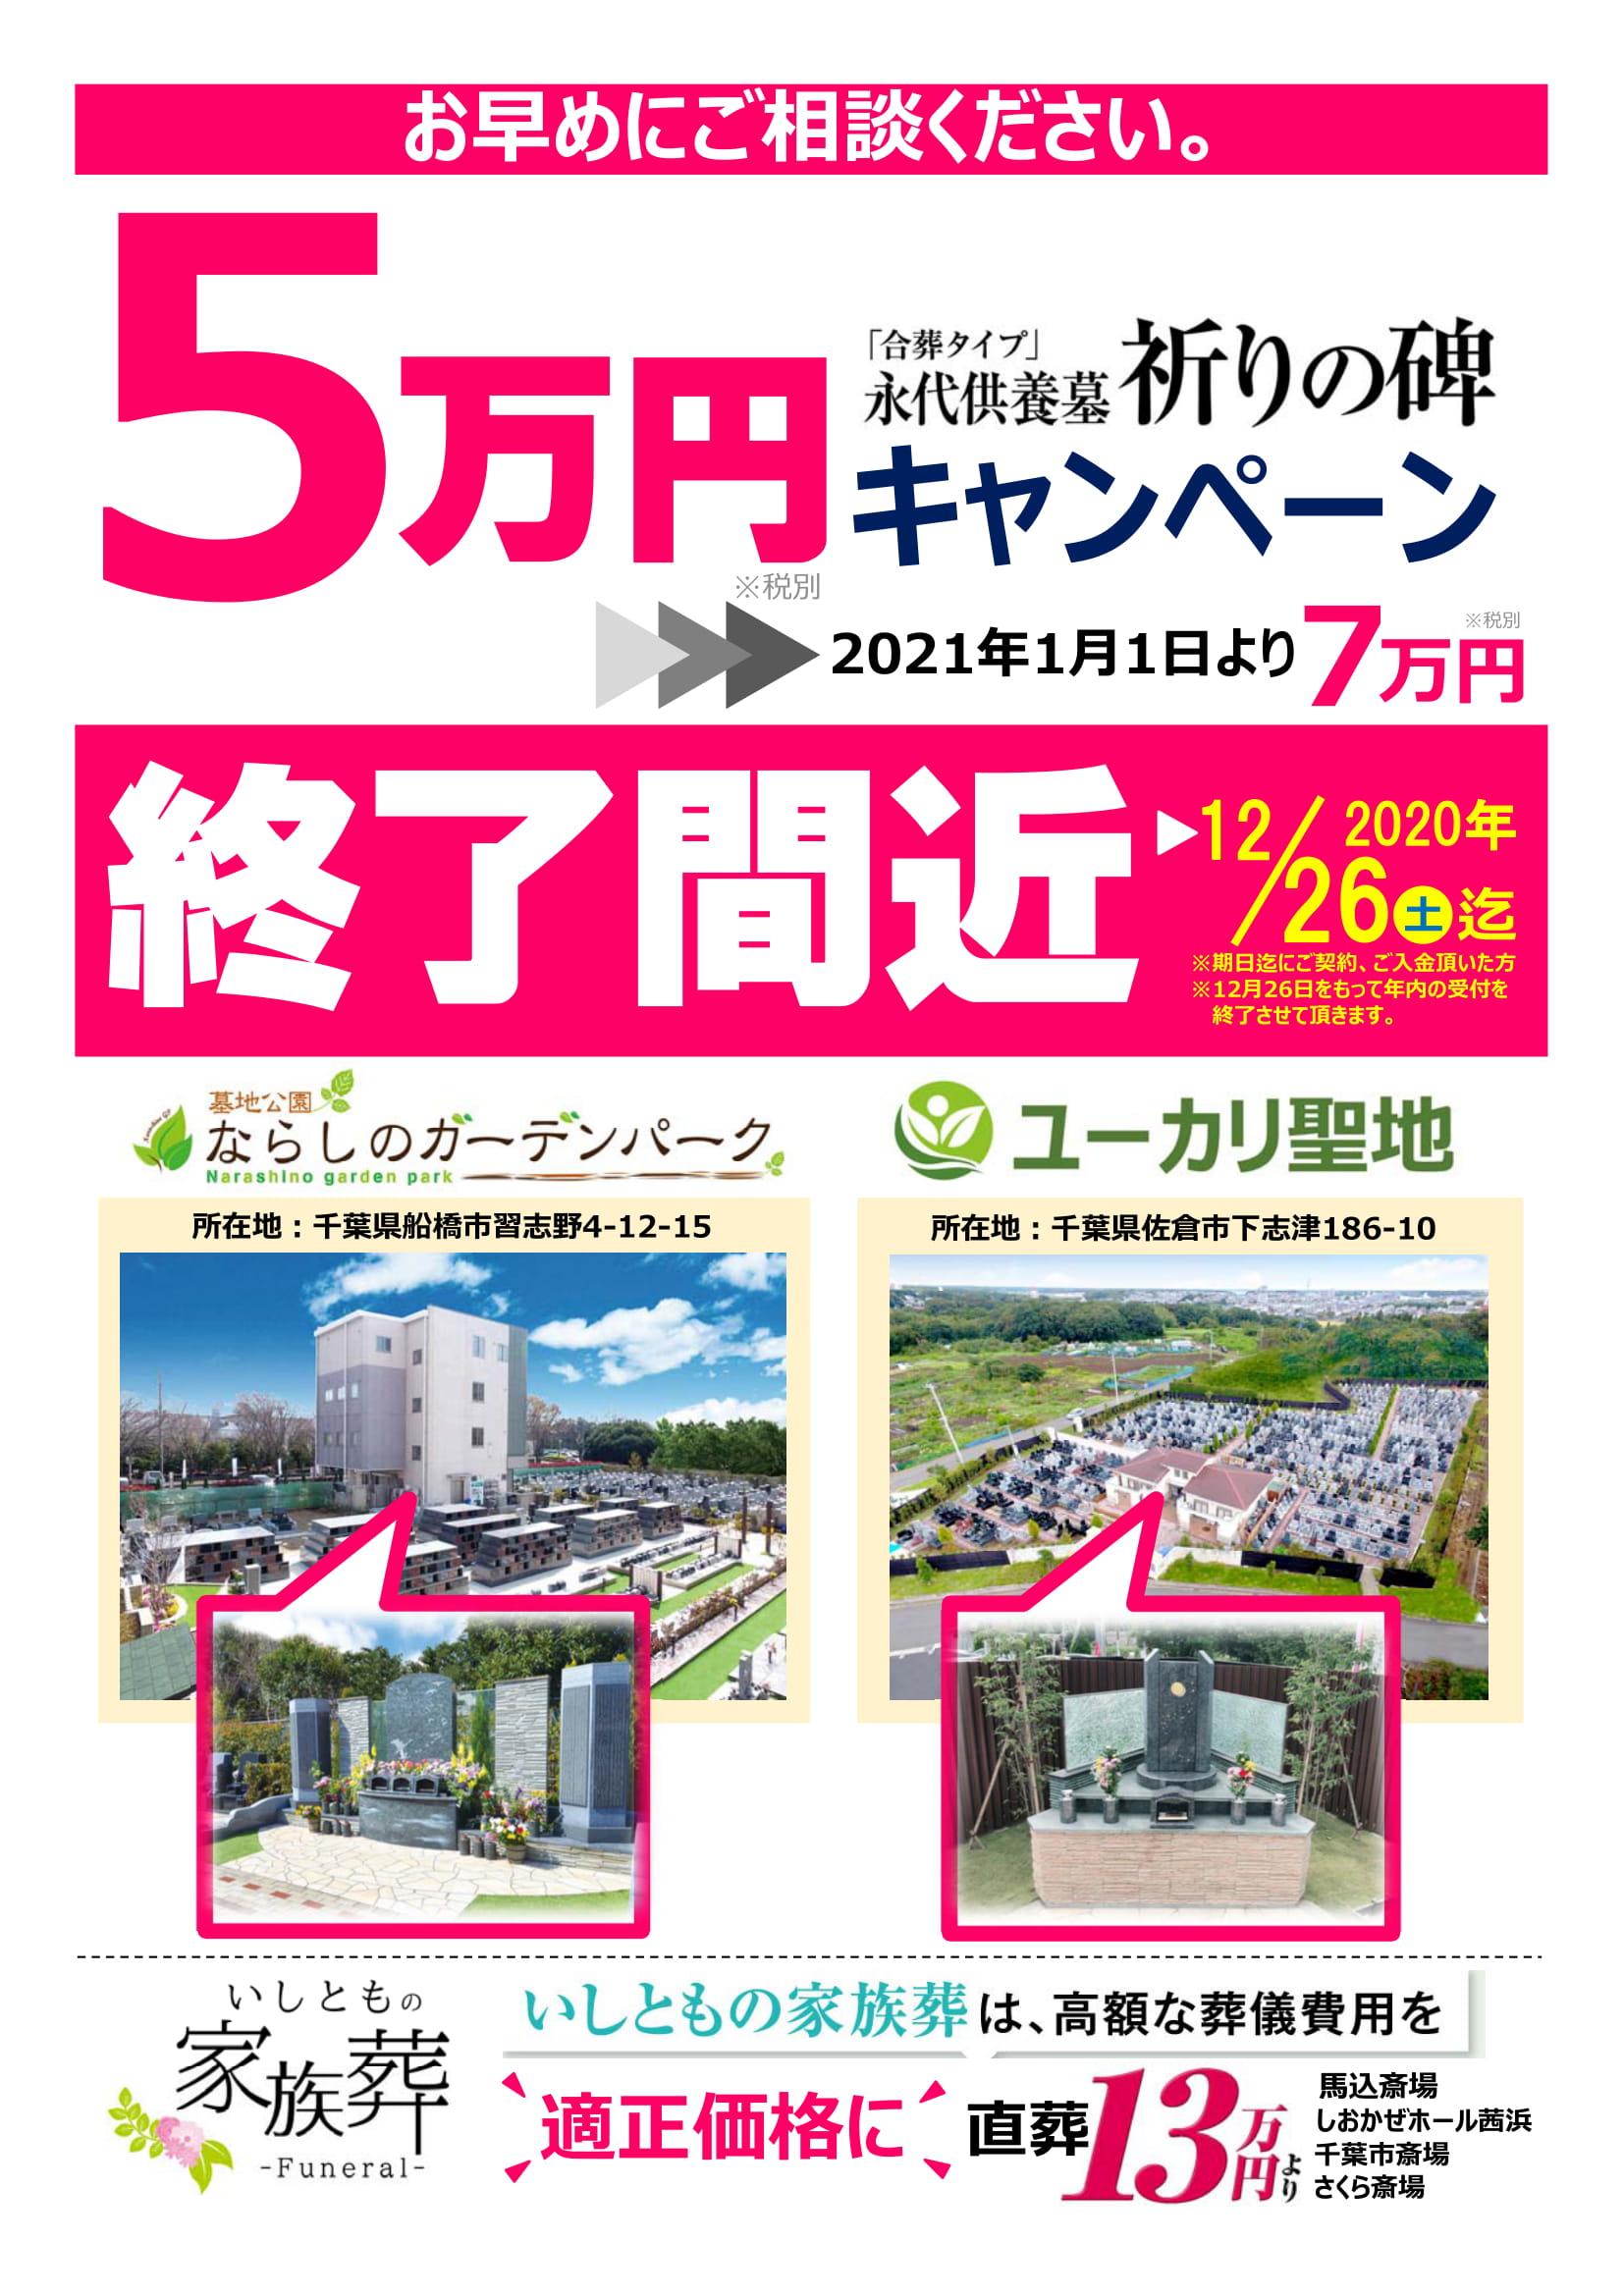 永代供養墓【祈りの碑】5万円キャンペーン終了のお知らせ